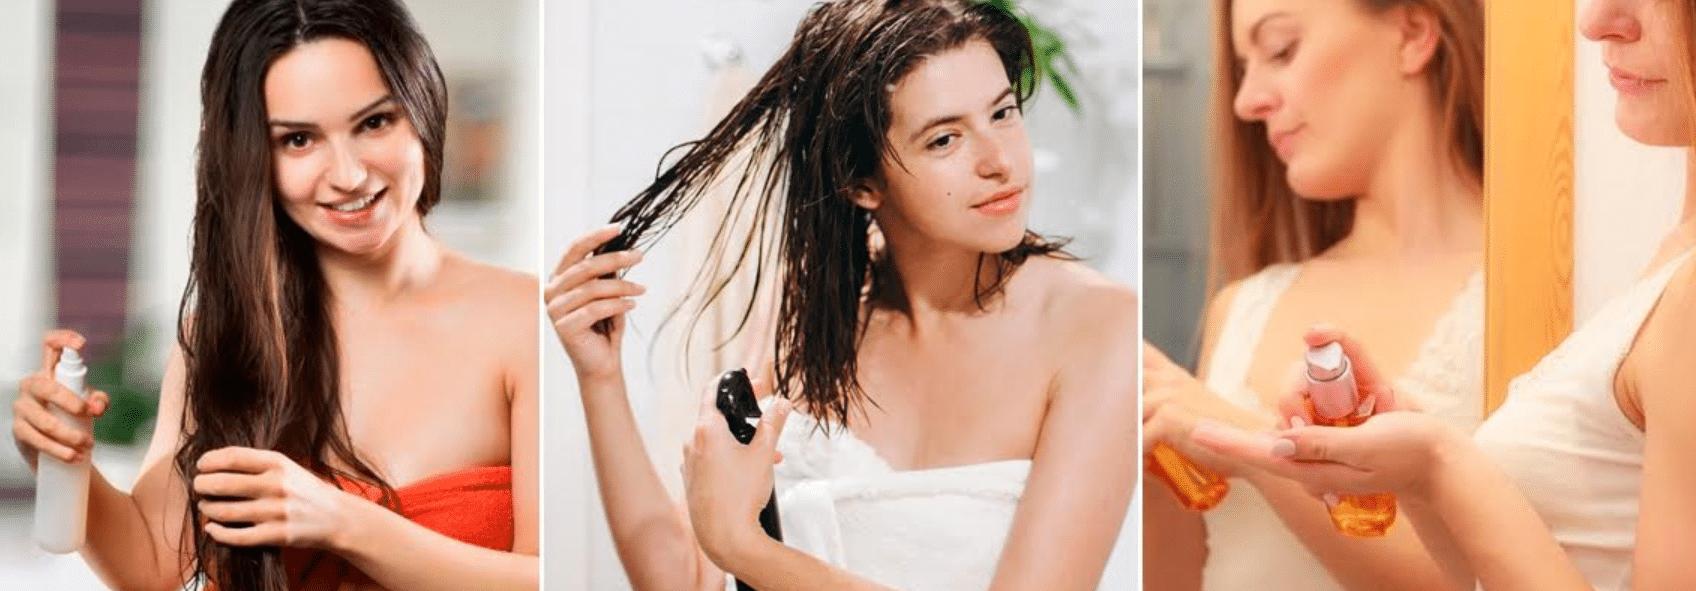 três imagens de mulheres aplicando protetor térmicos nos cabelos molhados